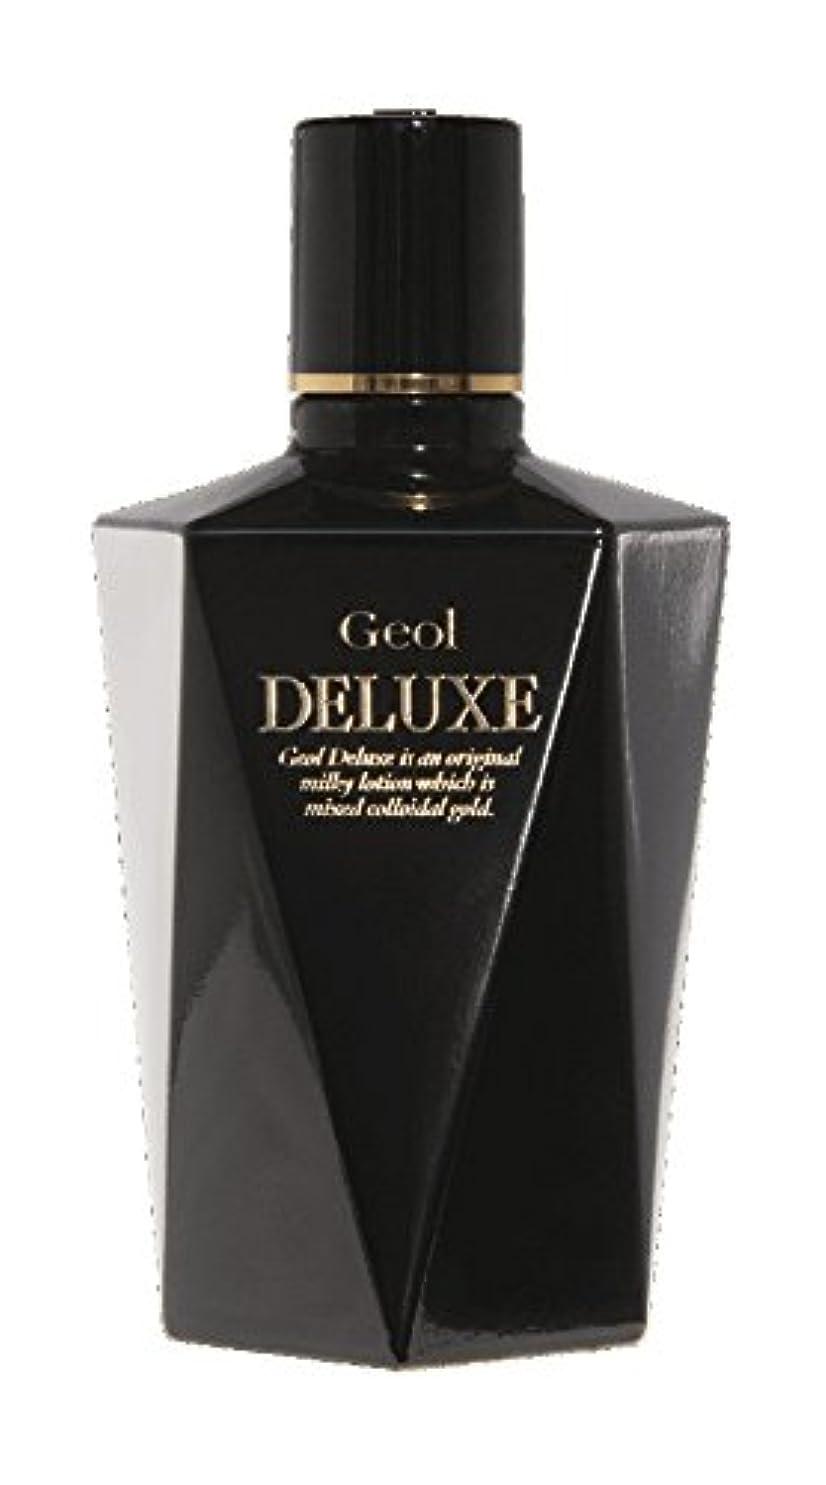 無意味定規ジョットディボンドンゲオール?デラックス?deluxe(金コロイドの美容乳液)